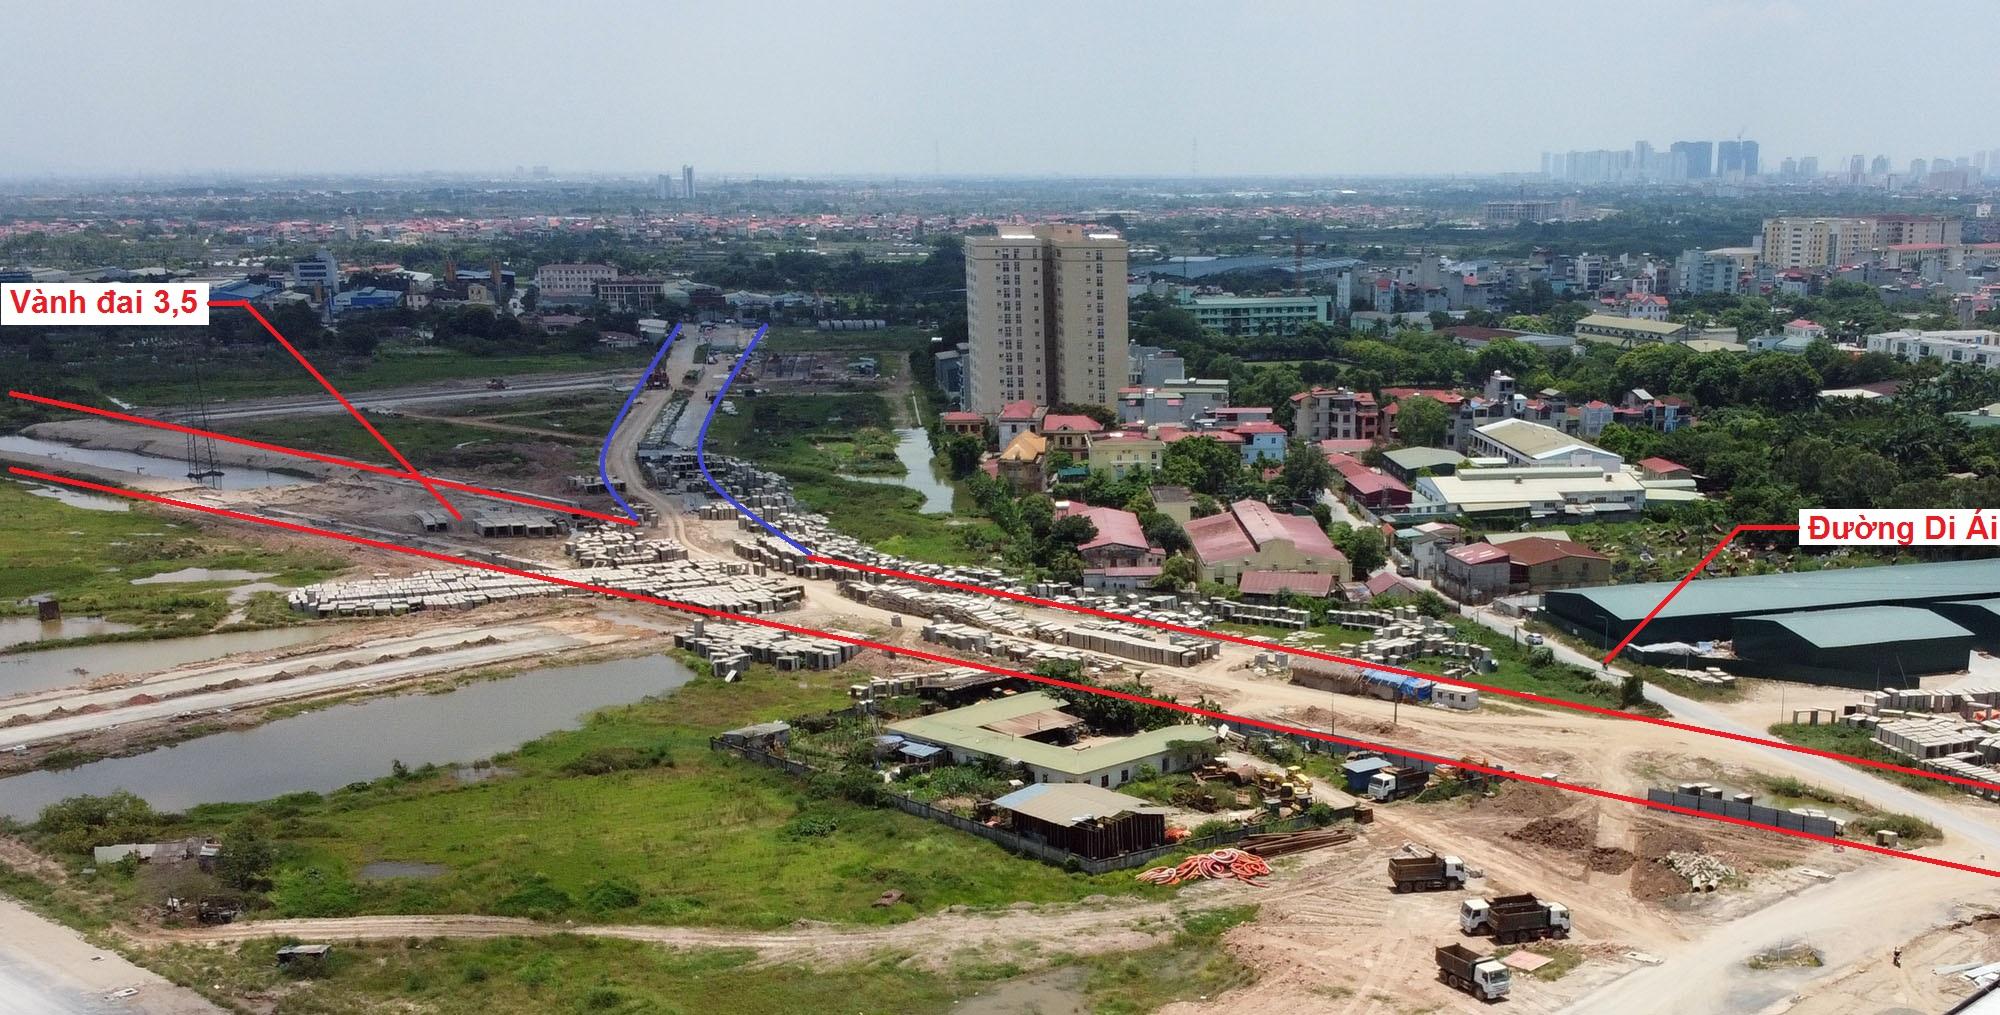 Ba đường sẽ mở theo qui hoạch ở xã Kim Chung, Hoài Đức, Hà Nội - Ảnh 11.